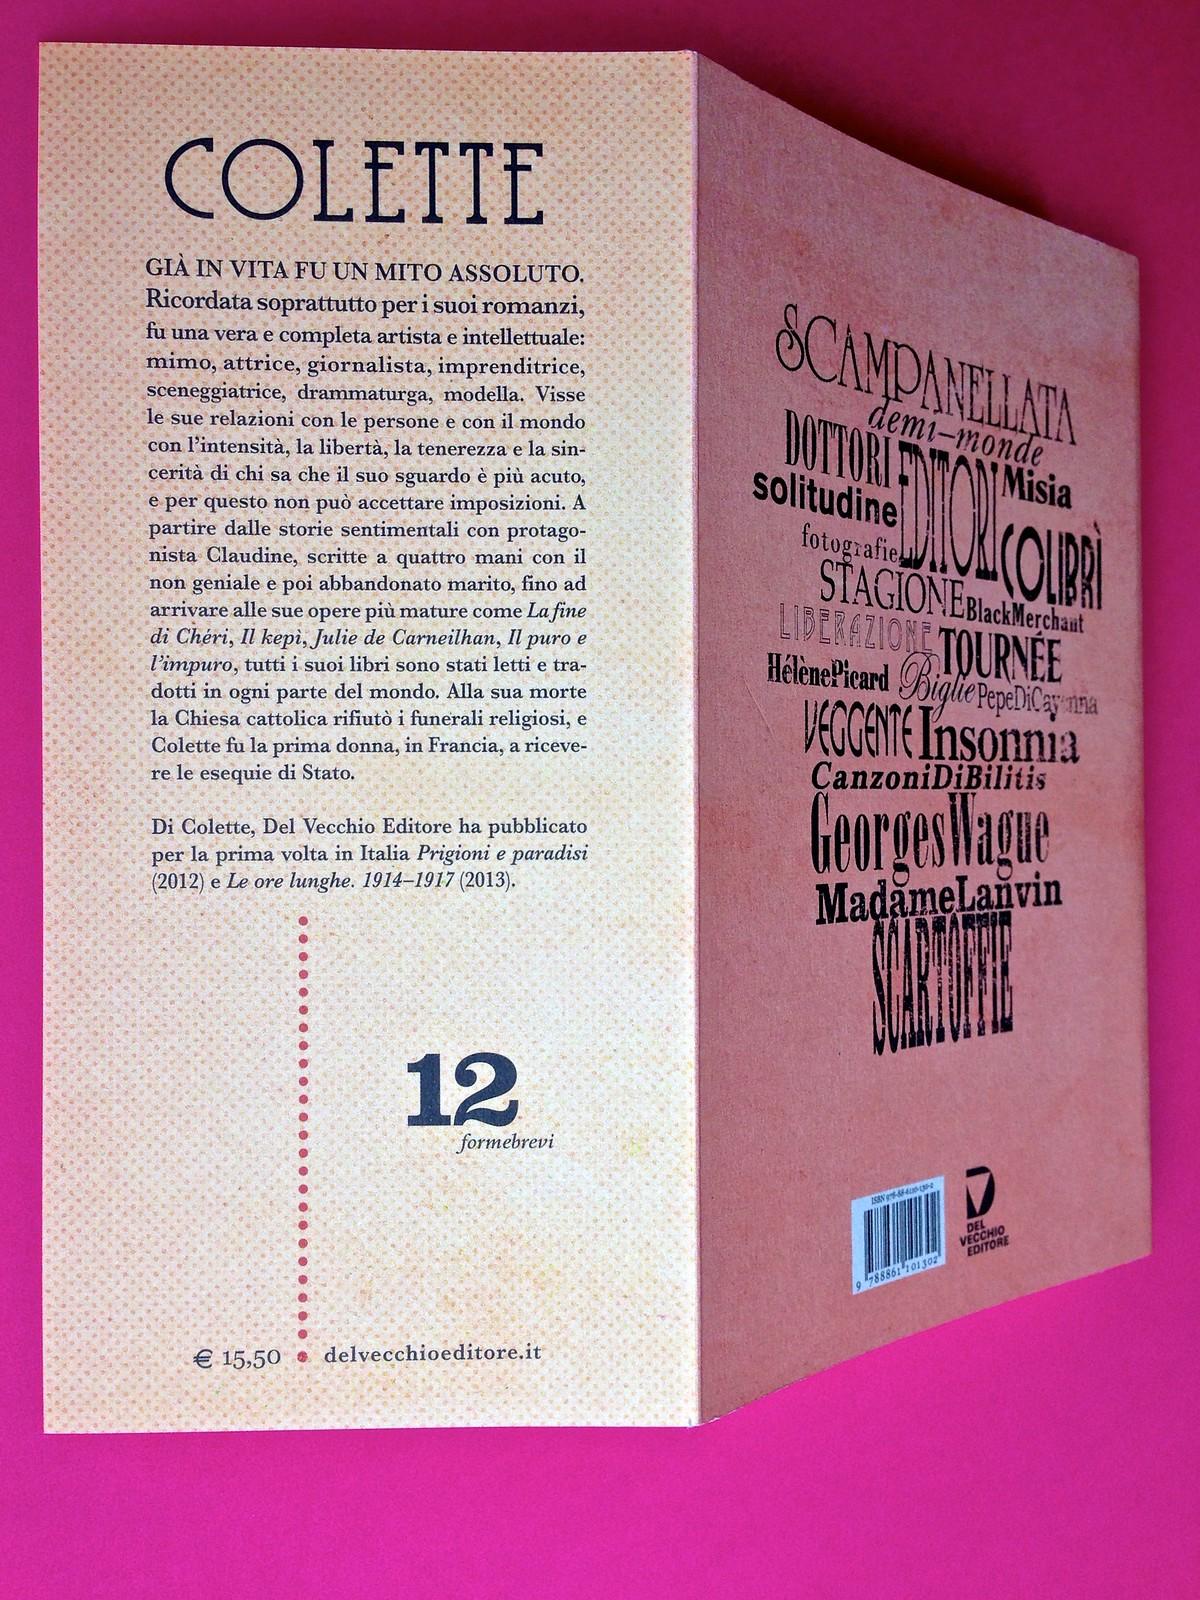 La stella del vespro, di Colette. Del Vecchio Editore 2015. Art direction, cover, illustrazioni, logo design: IFIX | Maurizio Ceccato. Risvolto e quarta di copertina (part.), 1